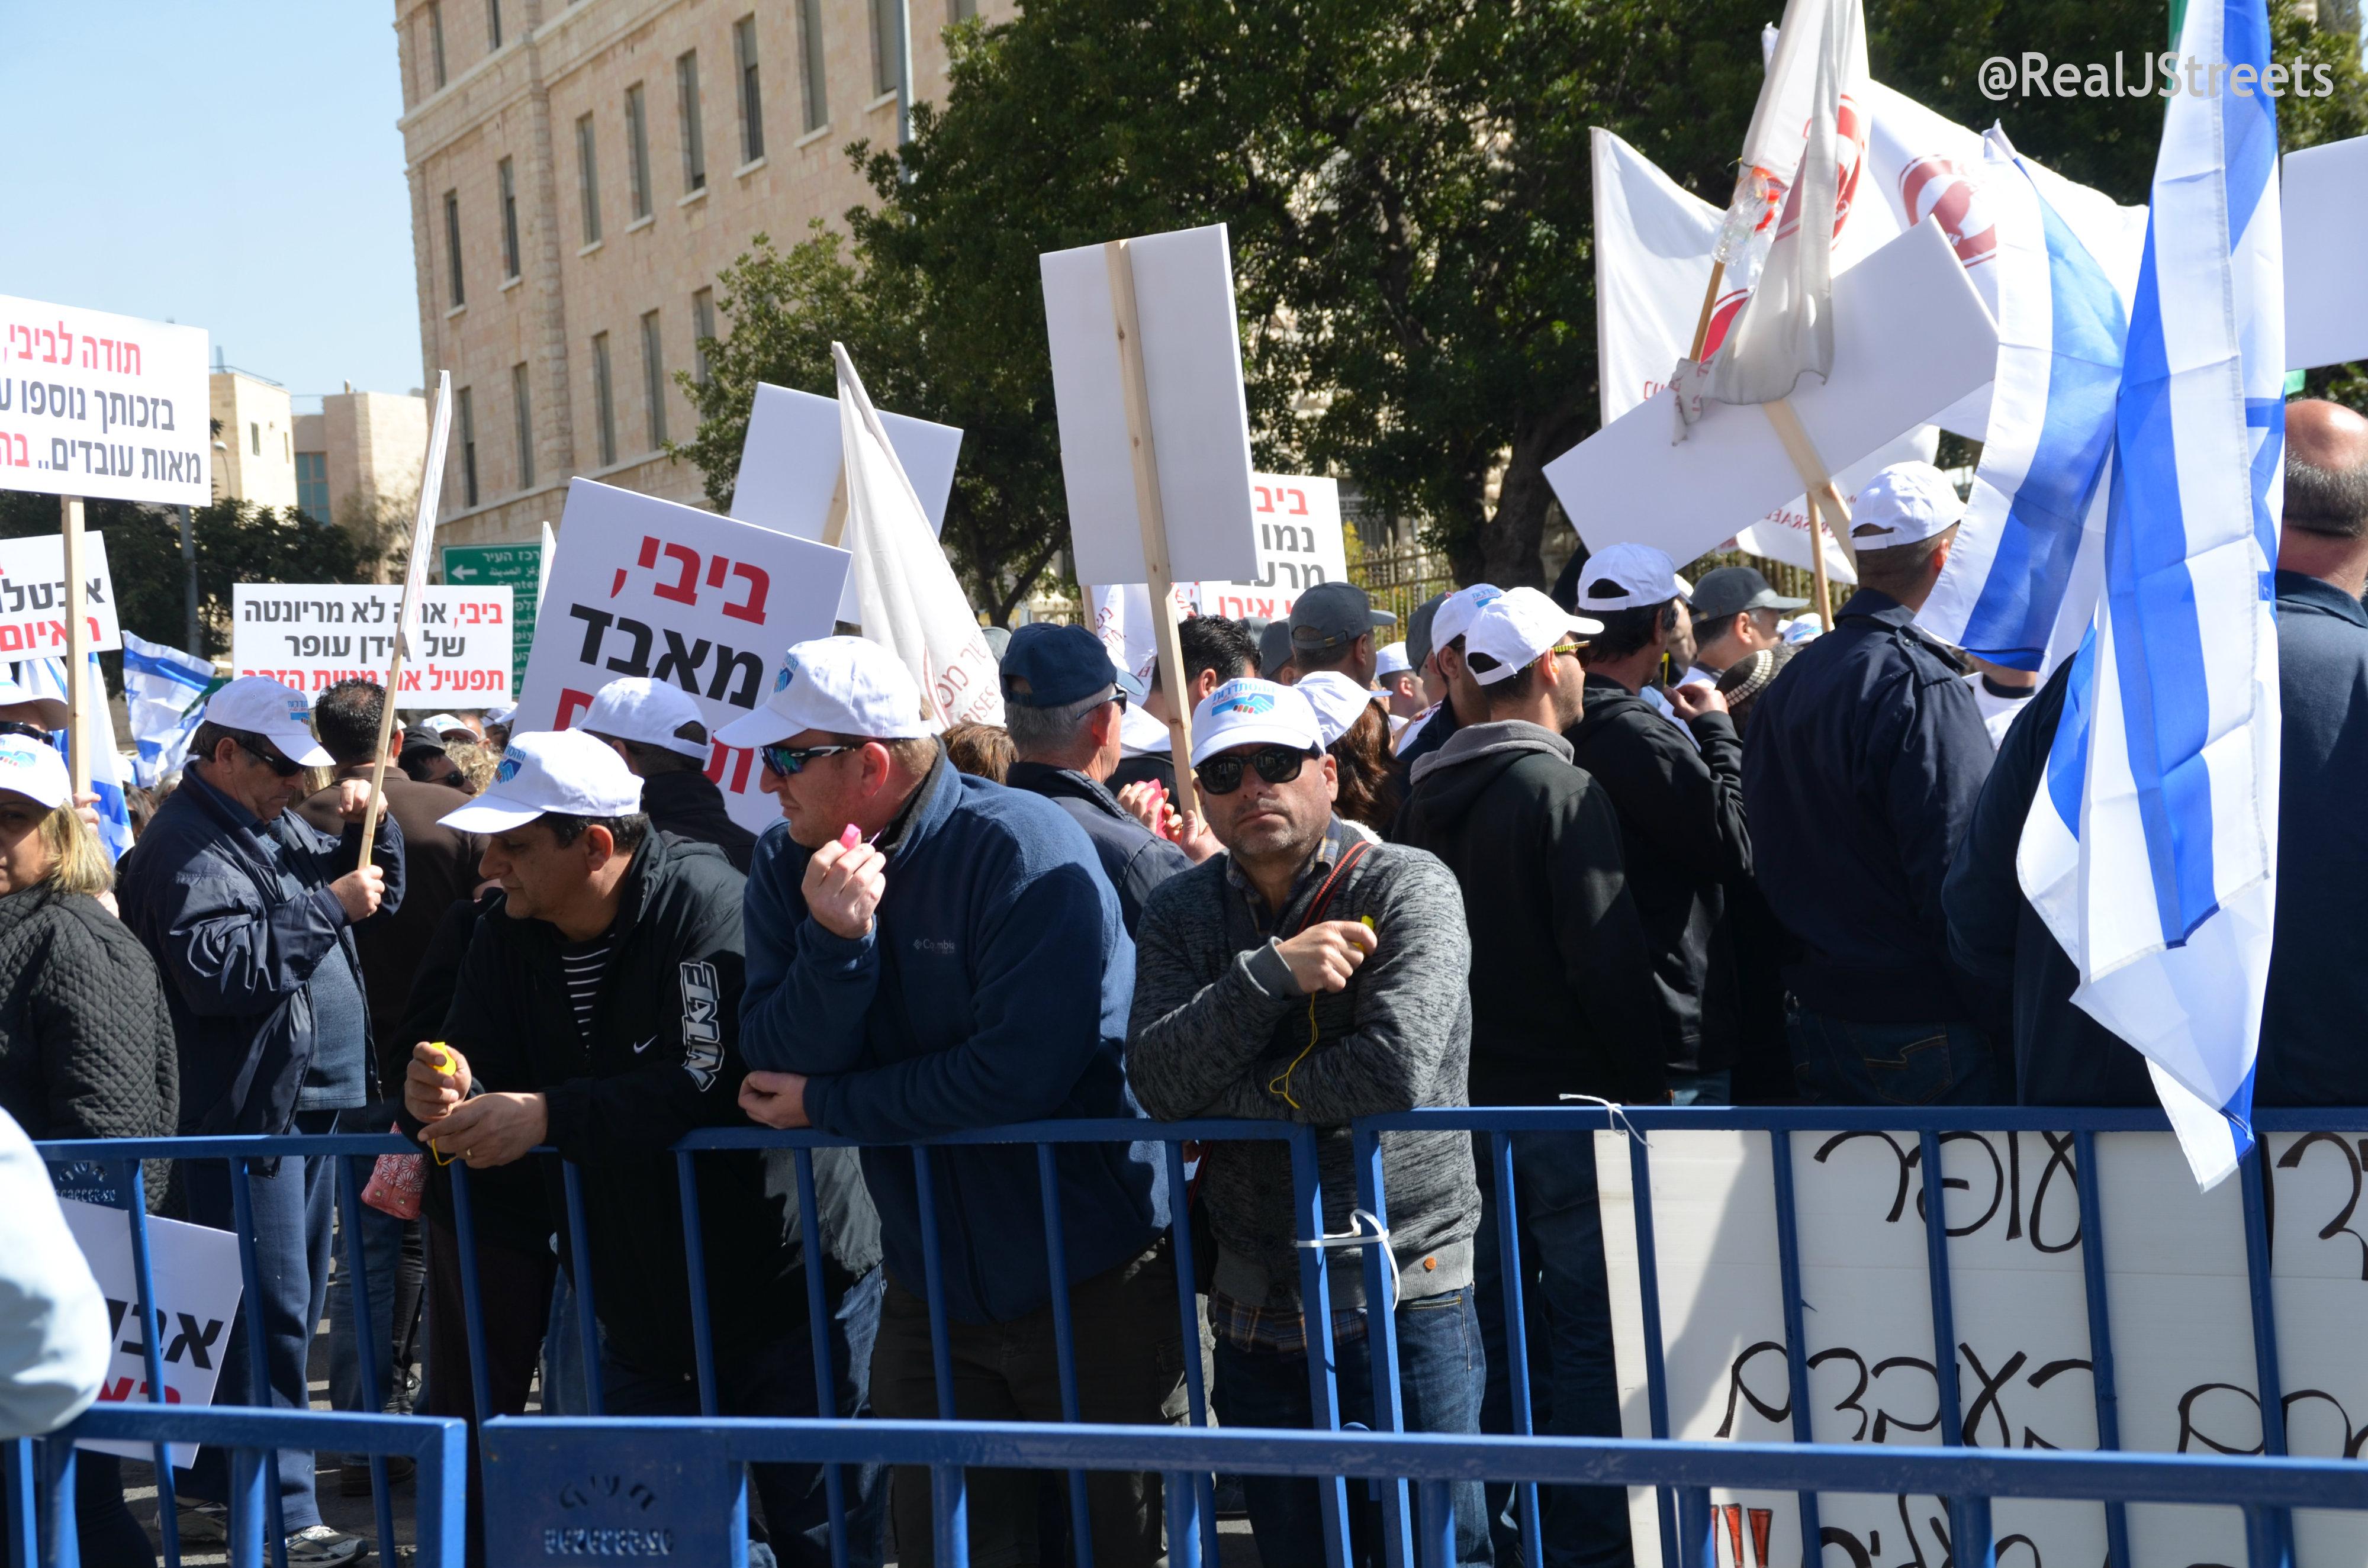 protest near Israeli Prime Minister house